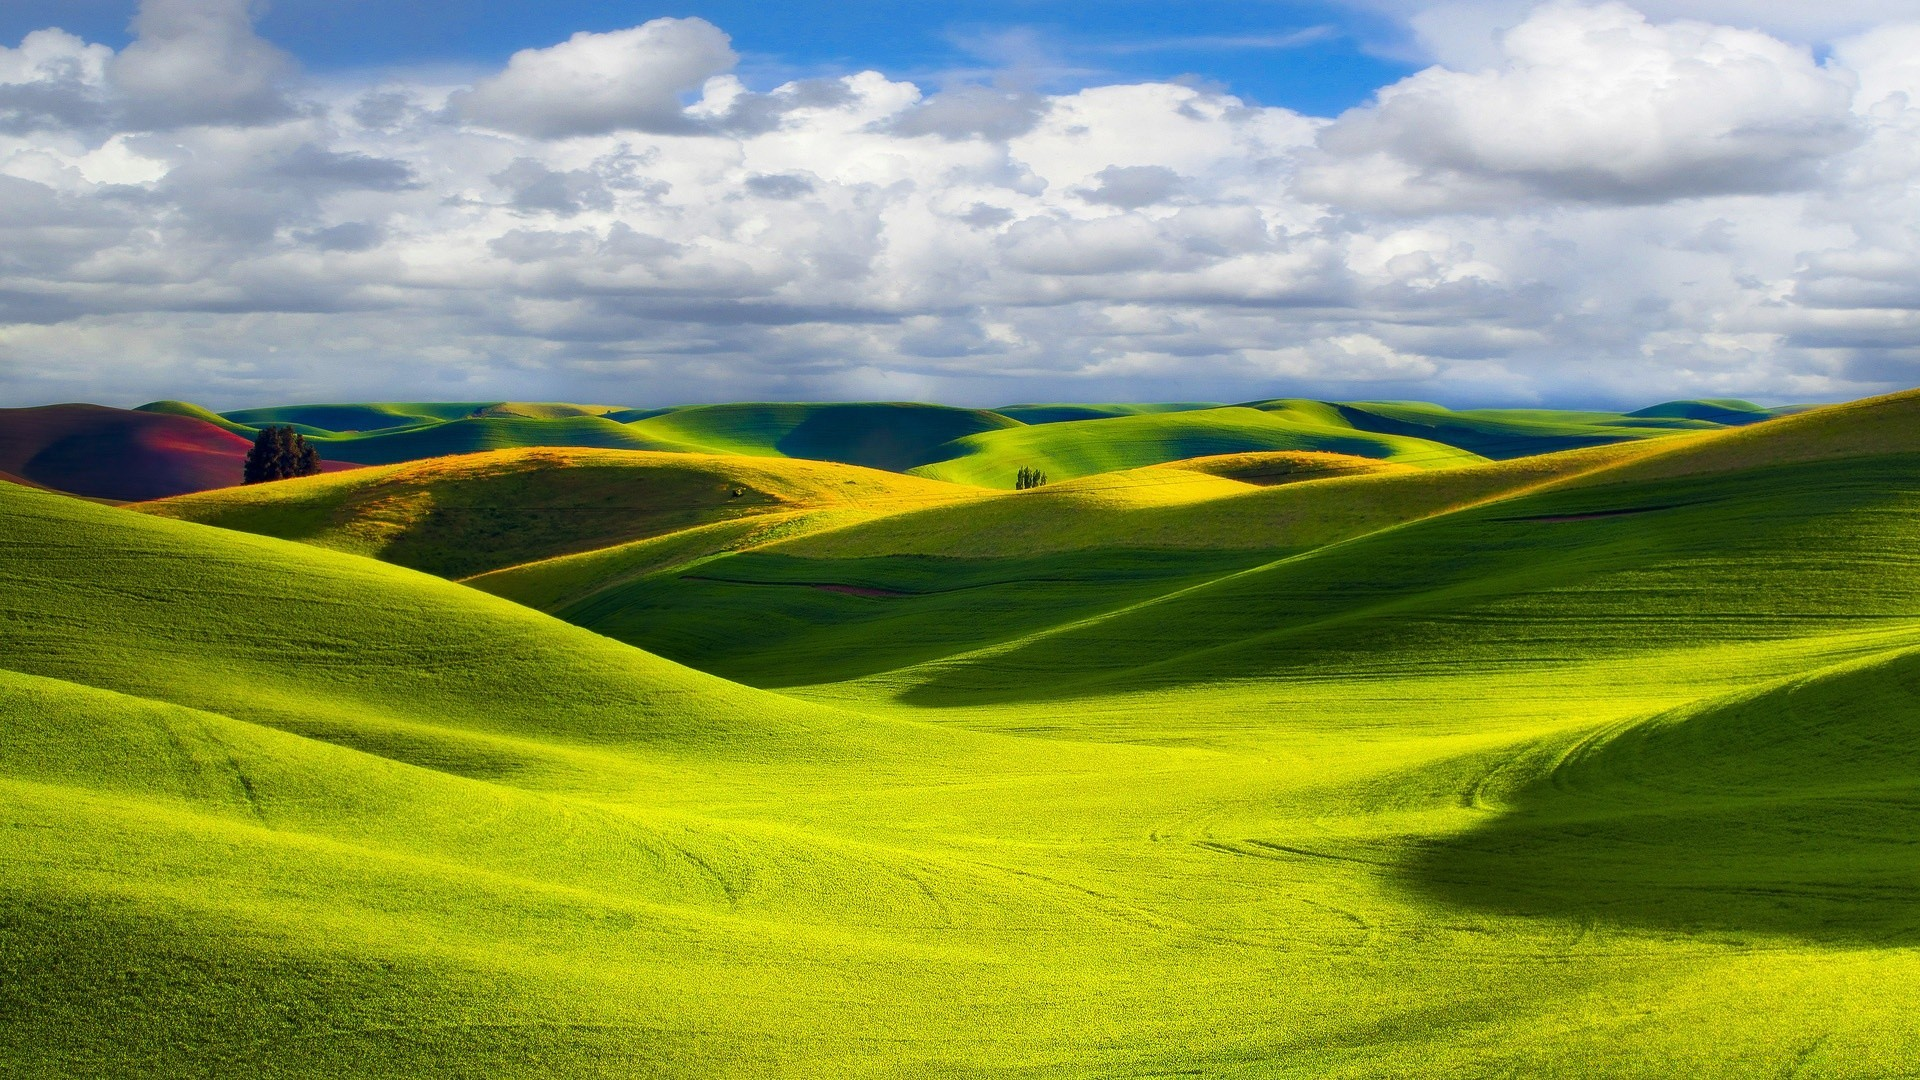 холм зелень лето небо бесплатно